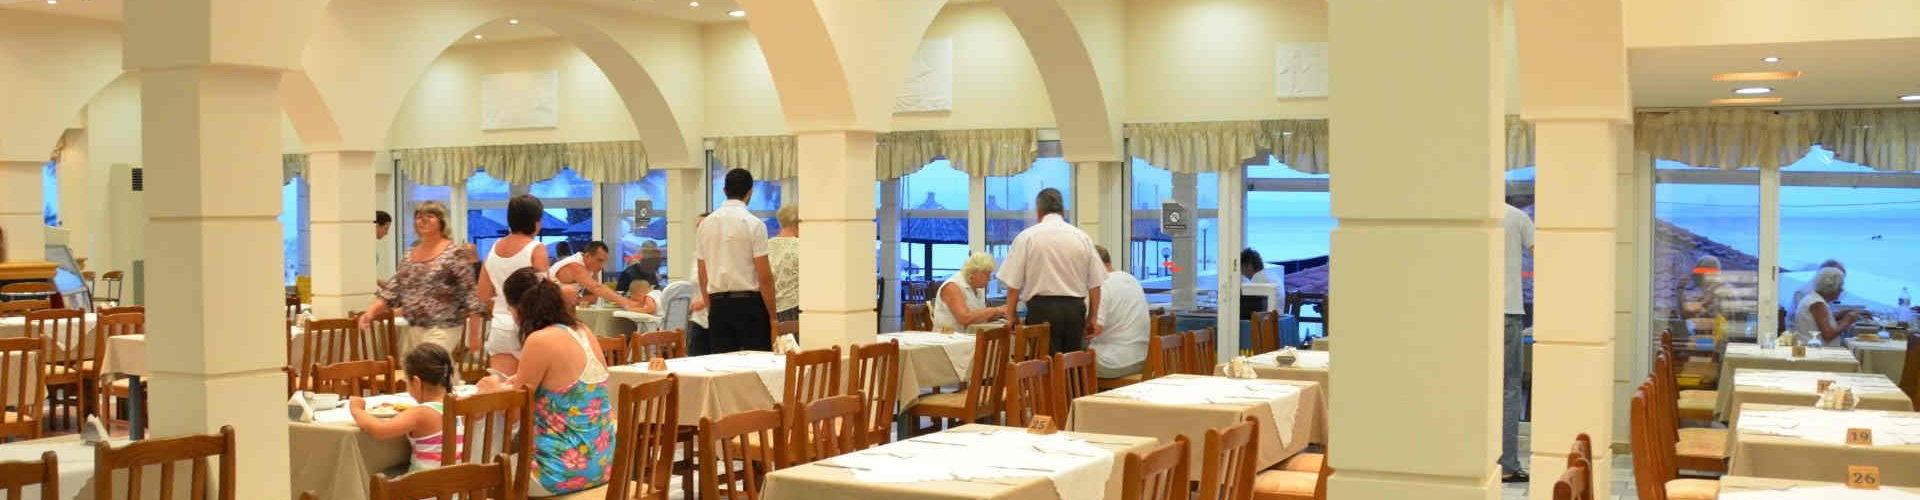 SHR Restaurant 19